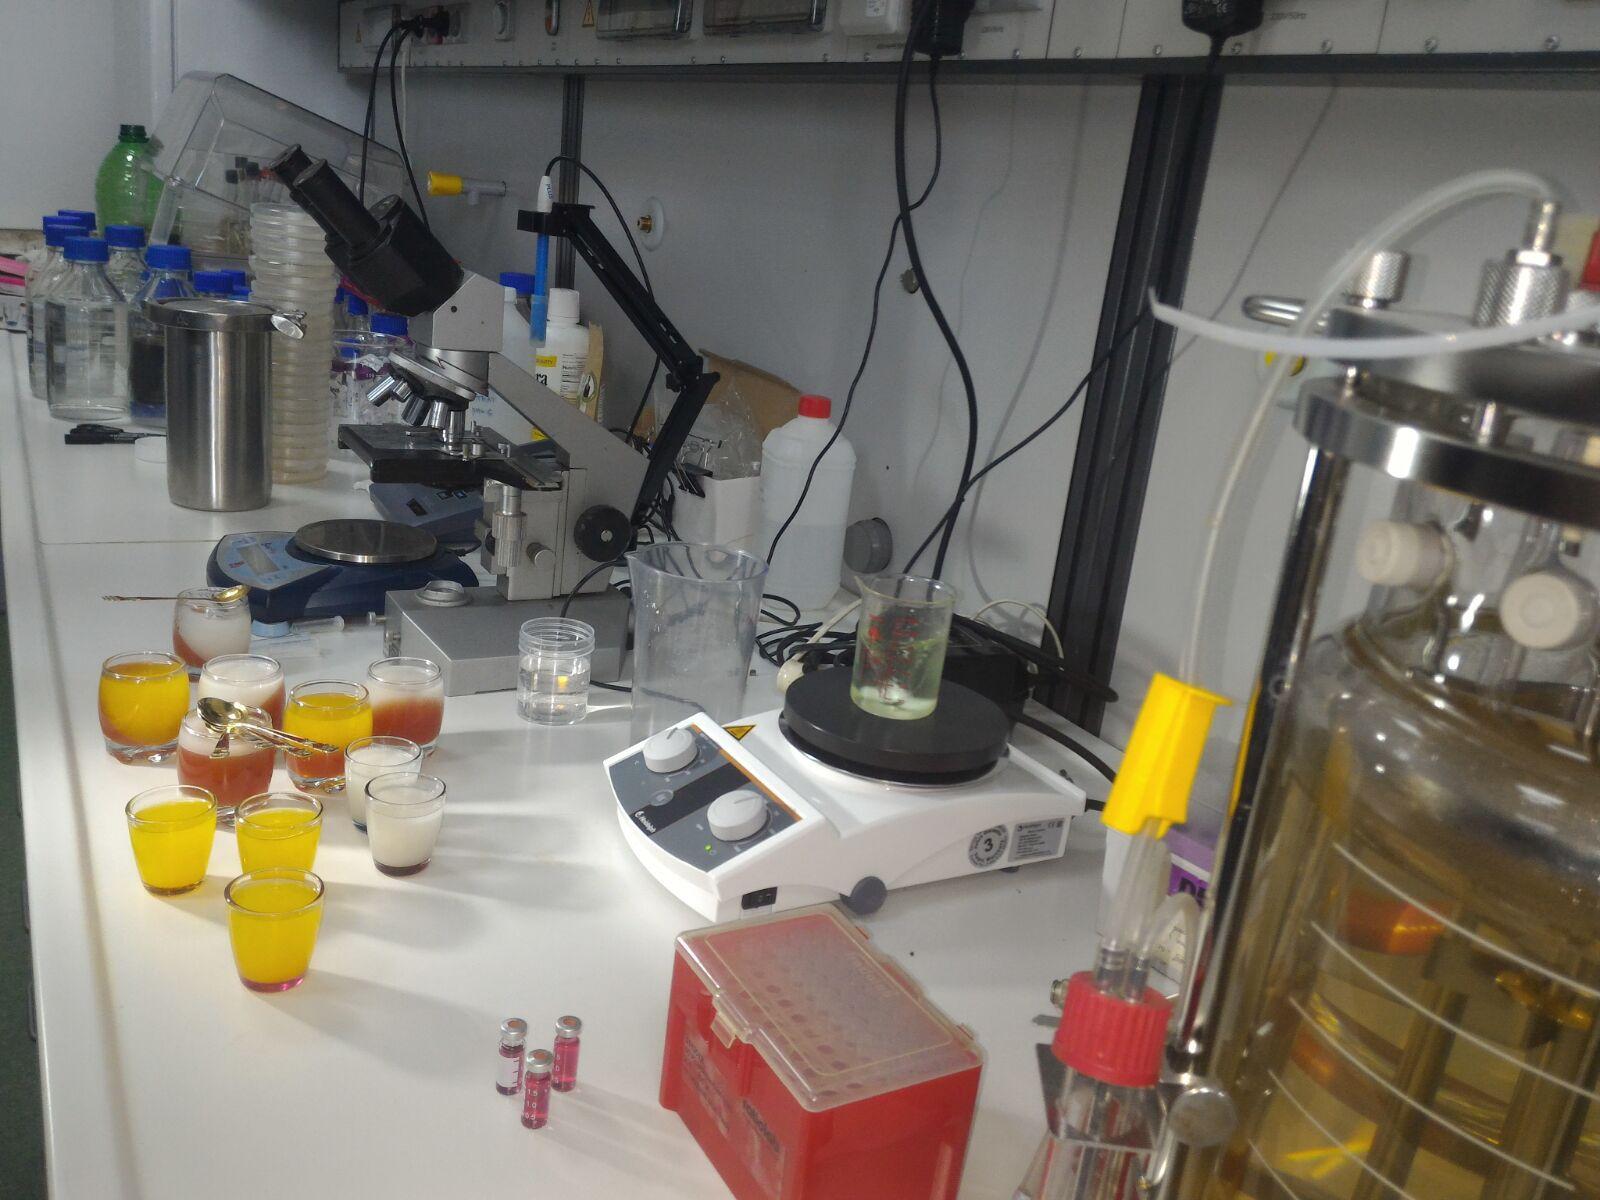 Golden Jelly, jeleul cu nanoparticule de aur inventat de cercetători de la Universitatea de Ştiinţe Agricole şi Medicină Veterinară (USAMV) Cluj-Napoca